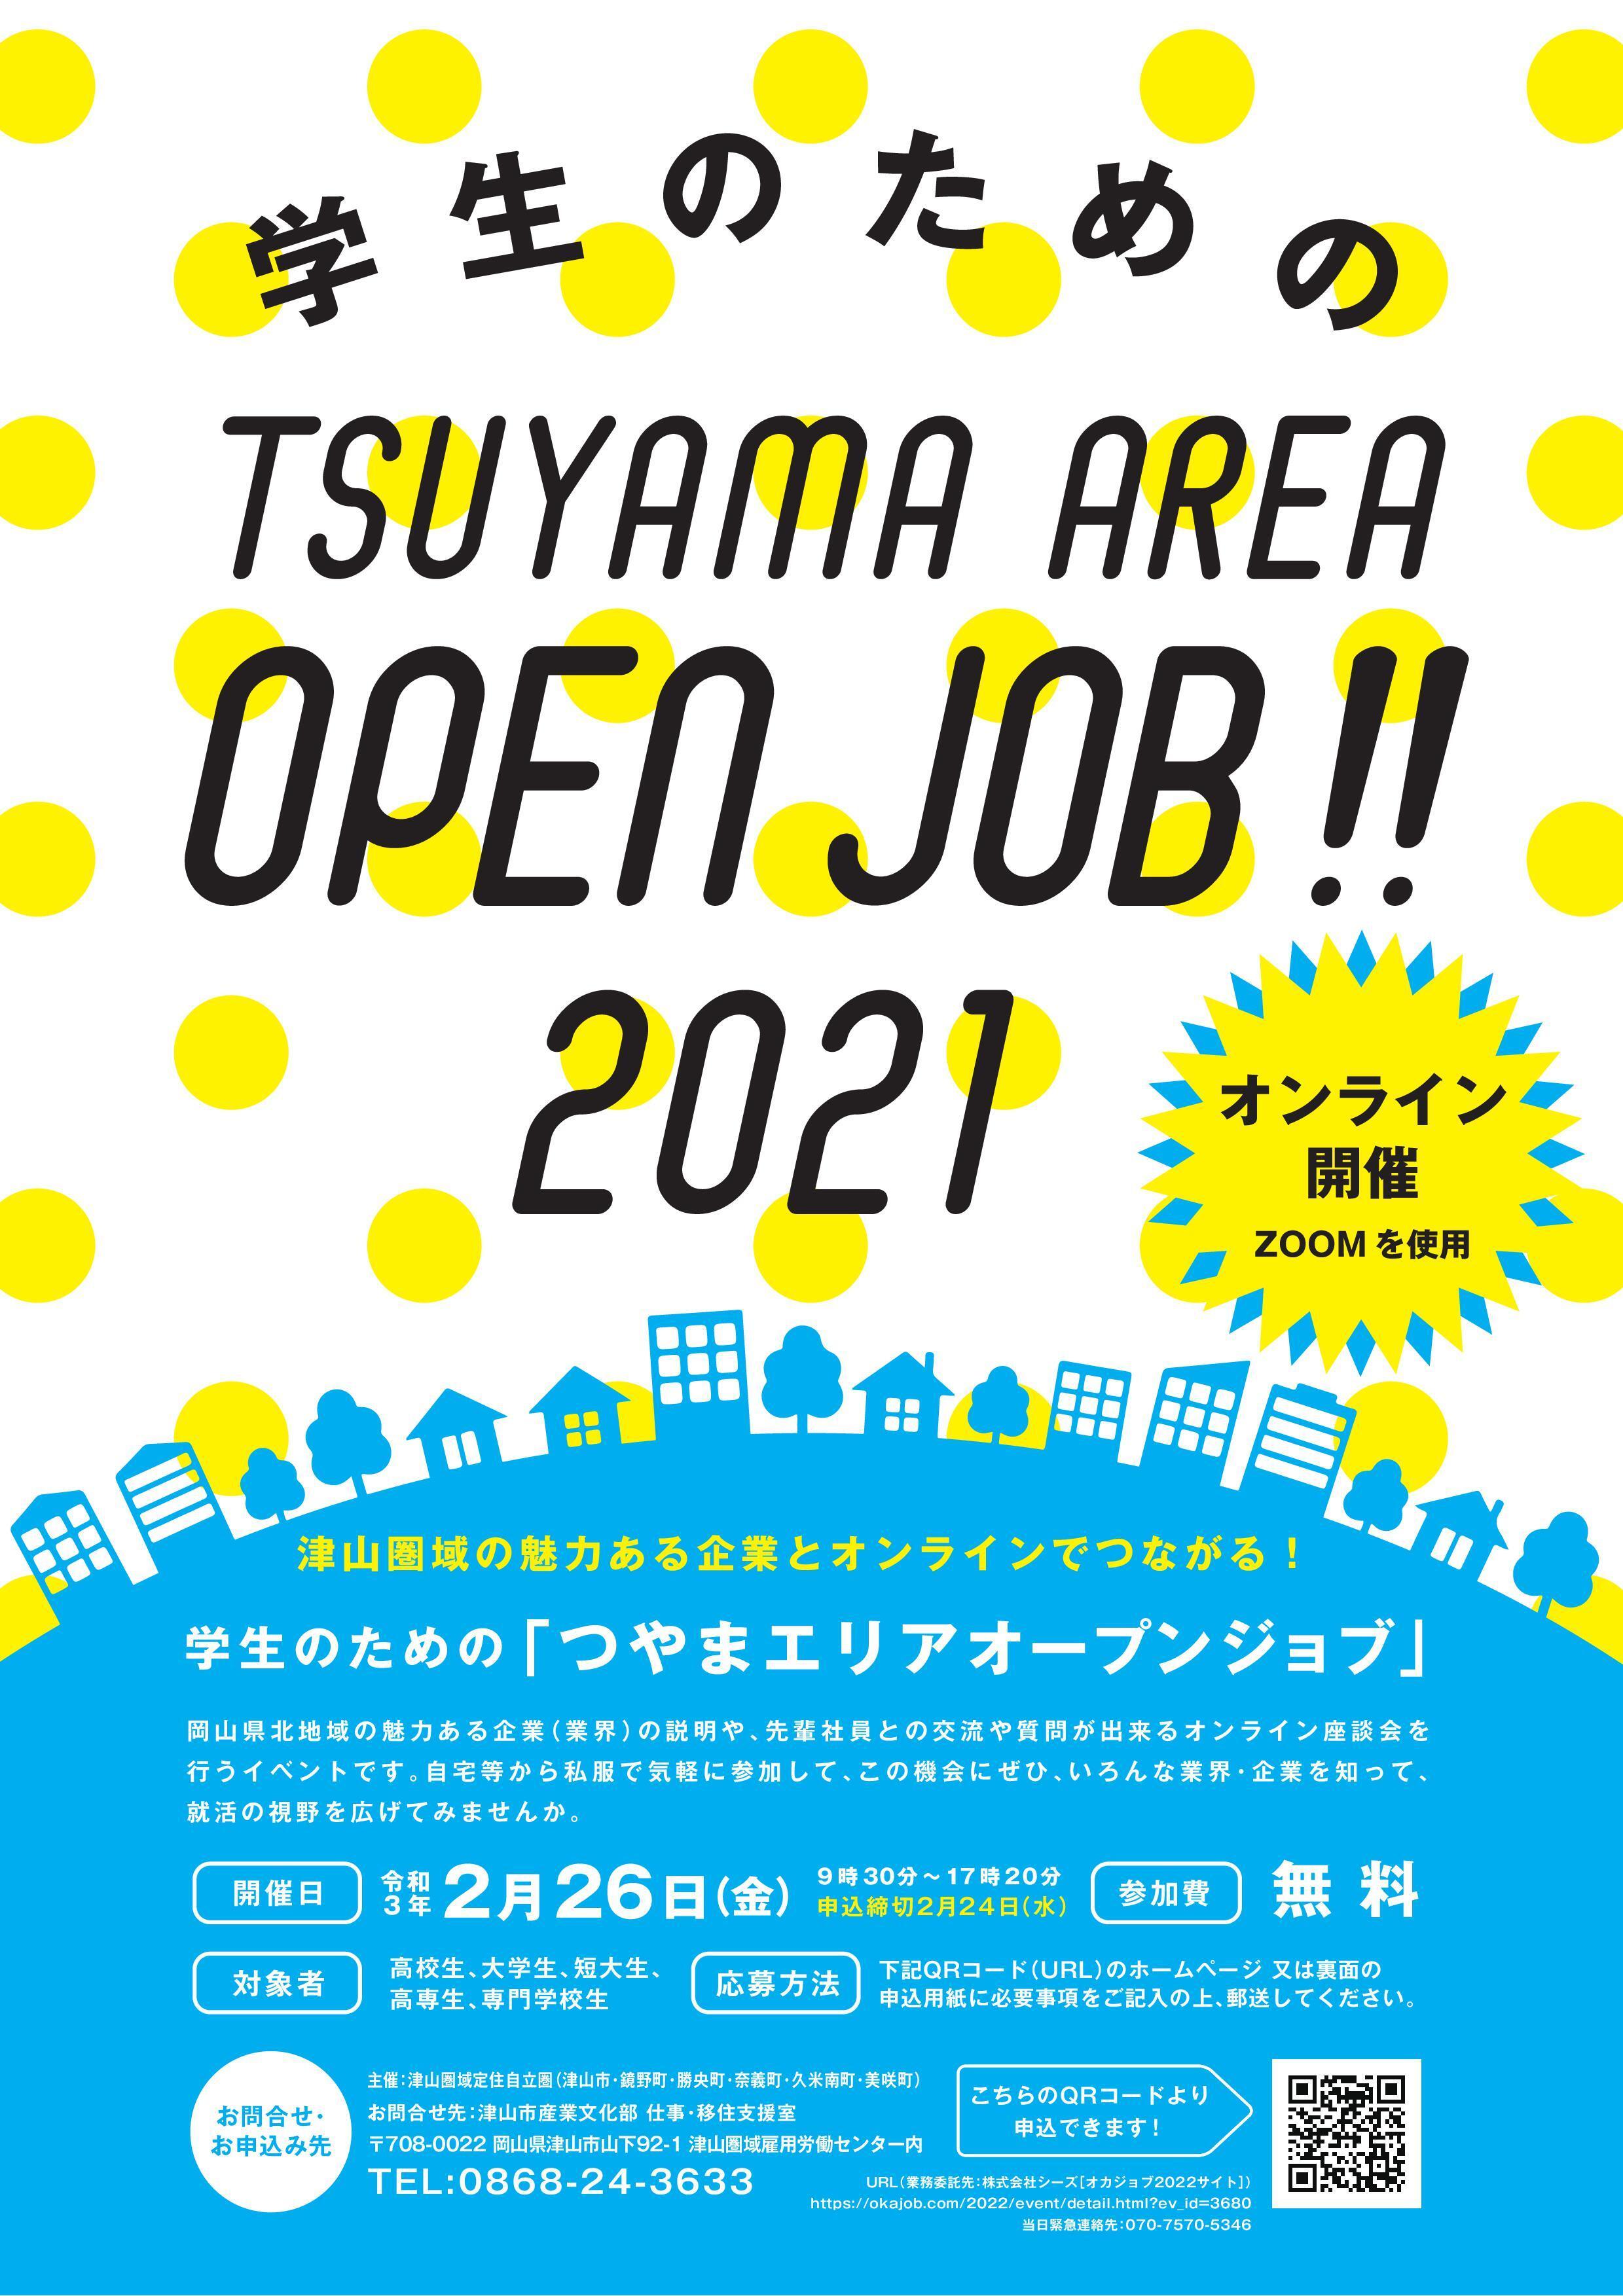 2021年2月26日(金)開催 「学生のためのTSUYAMA  AREA  OPEN  JOB!!2021」参加者募集のお知らせ